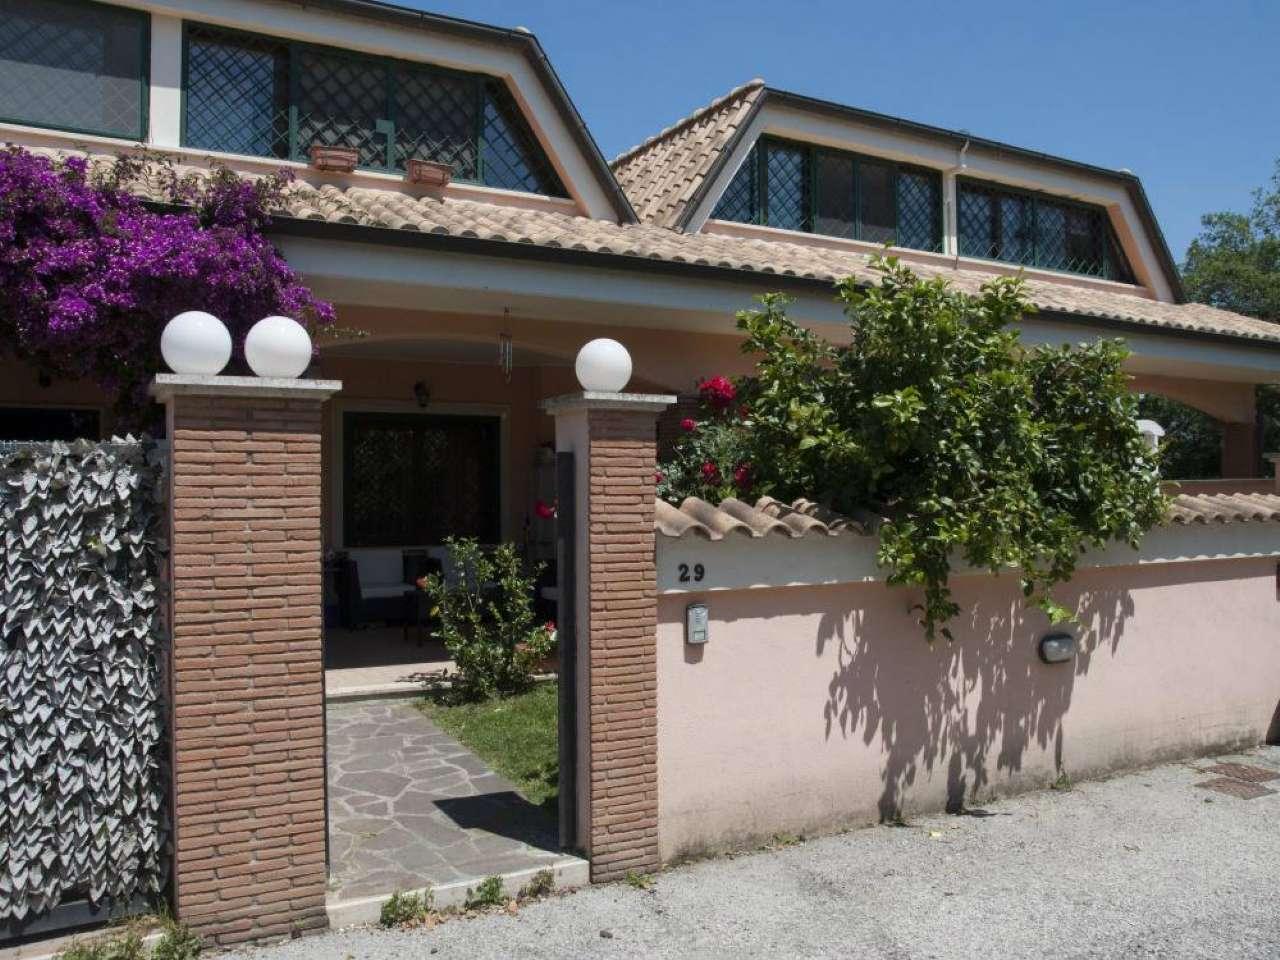 Villa in vendita a Pomezia, 3 locali, prezzo € 126.000 | CambioCasa.it